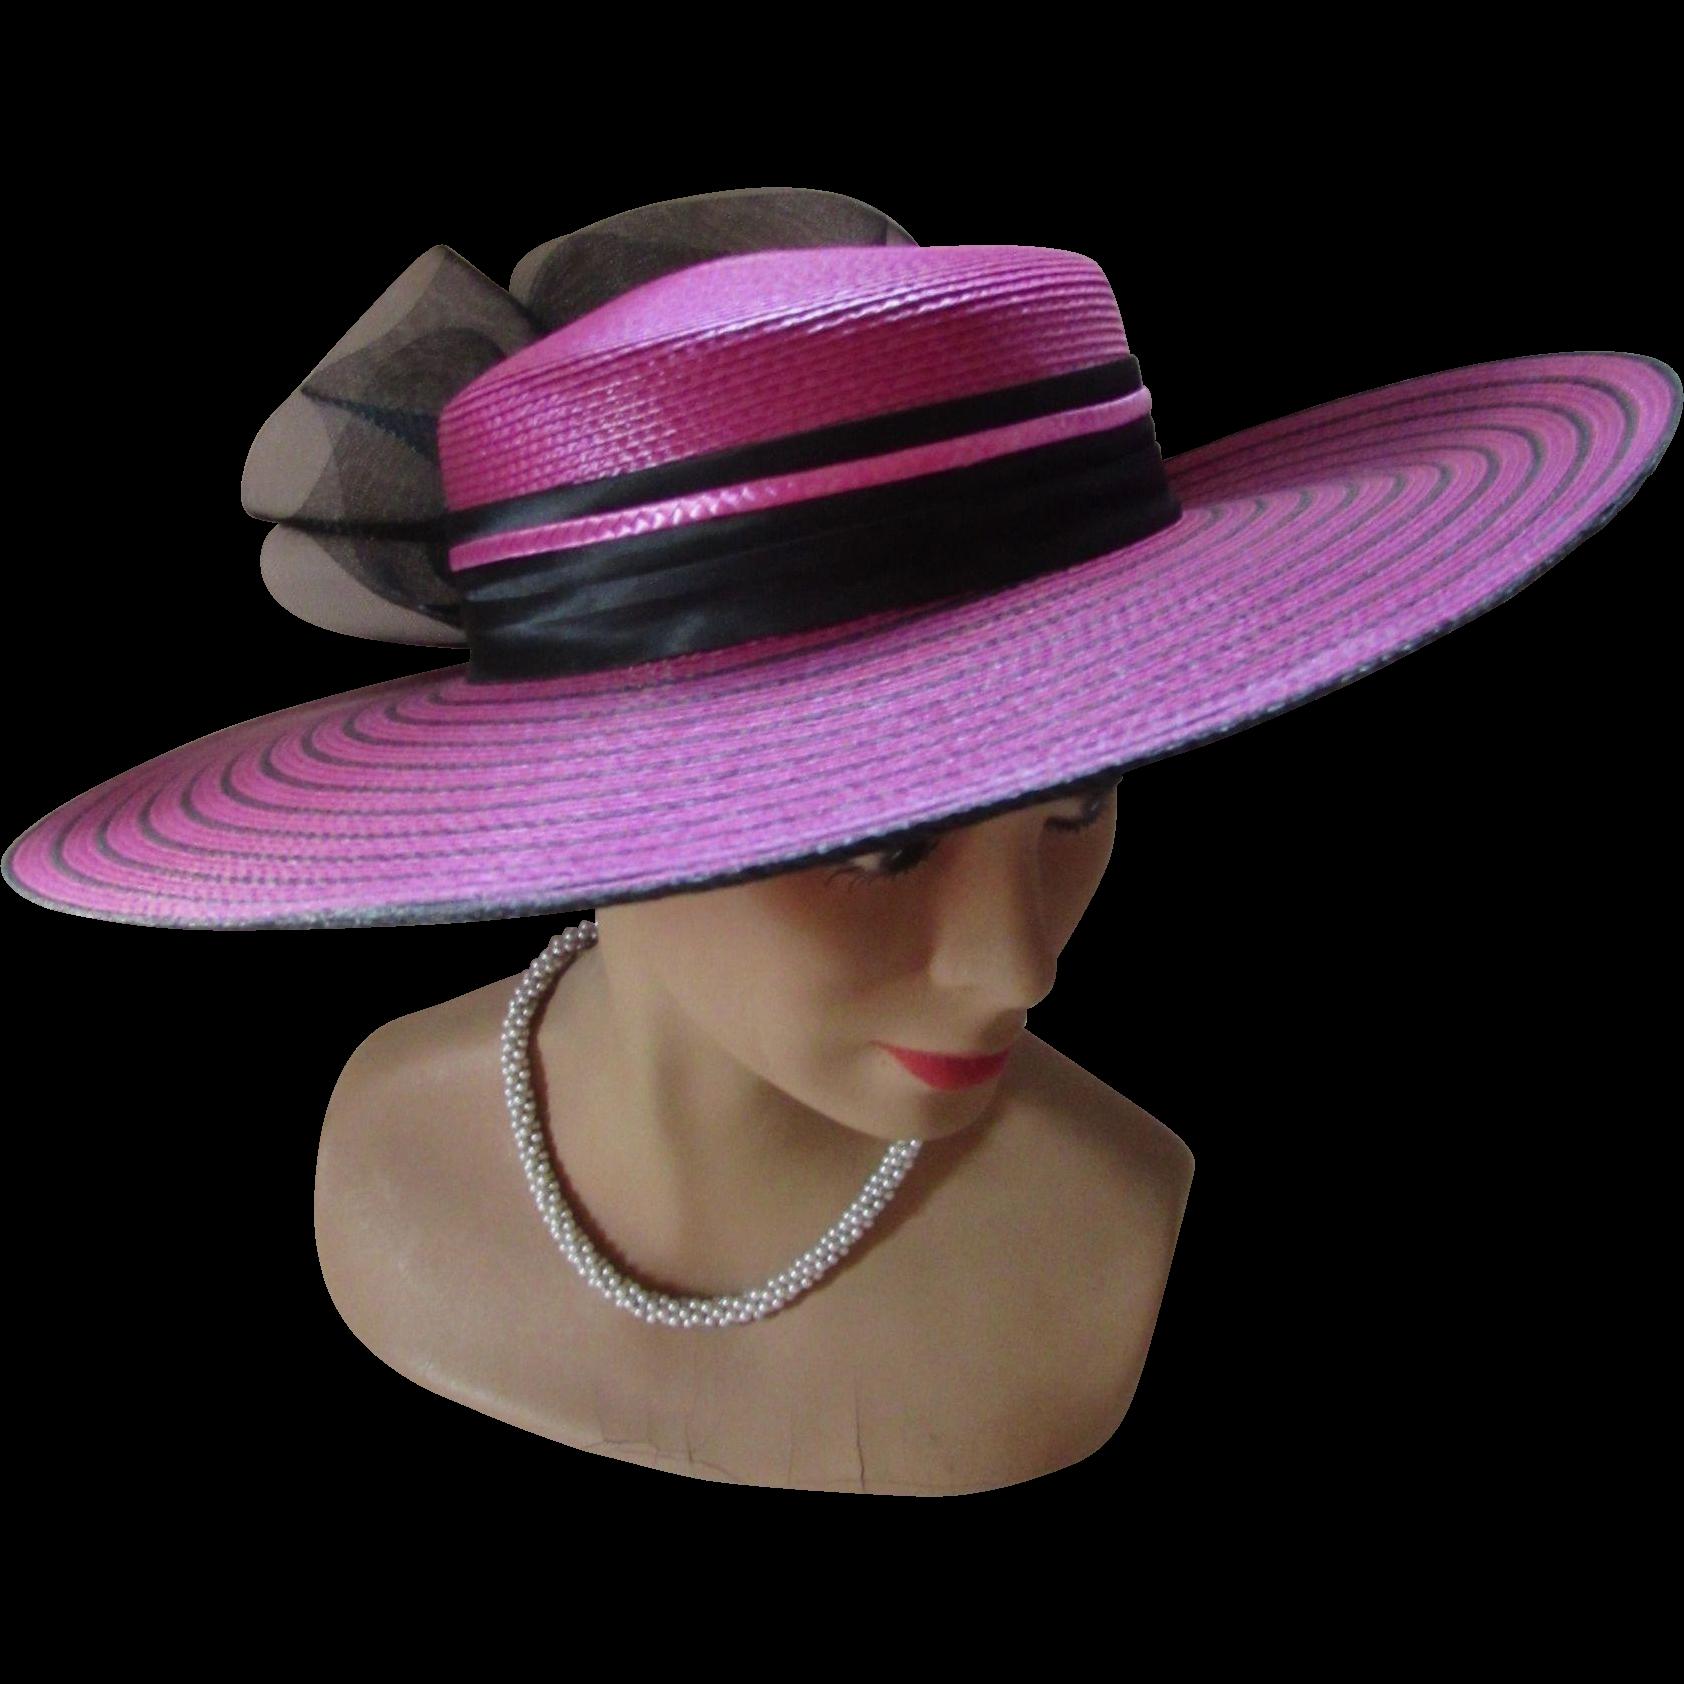 c1b709032 Jaunty Wide Brim Church OR Derby Hat in Stripes of Fuchsia and Black ...